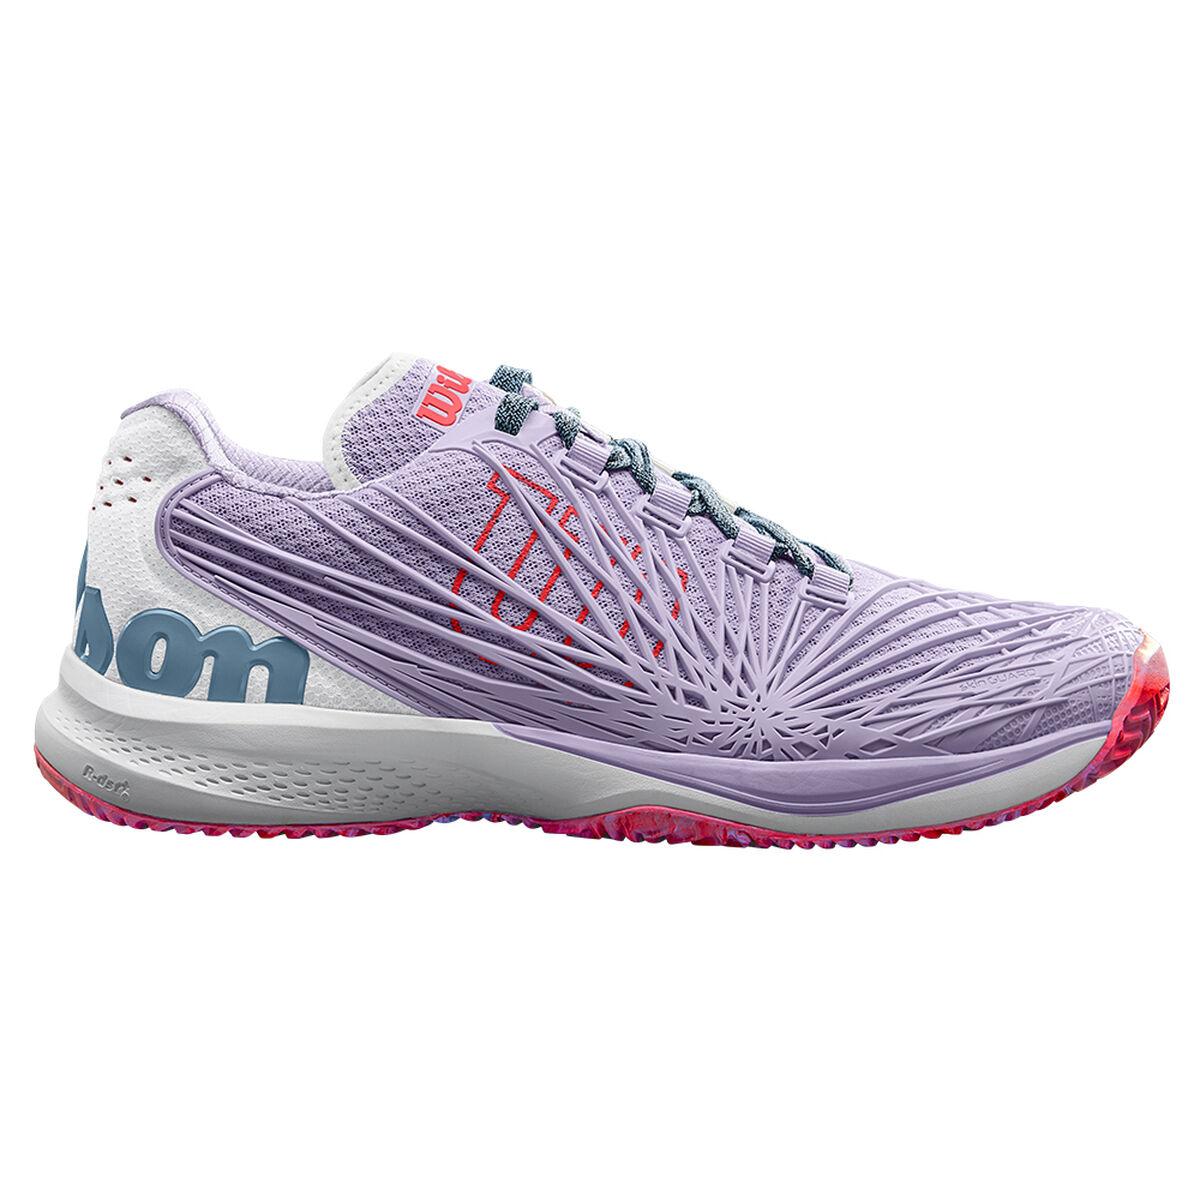 b0fe3a94815b Wilson Kaos 2.0 Women s Tennis Shoe - Purple